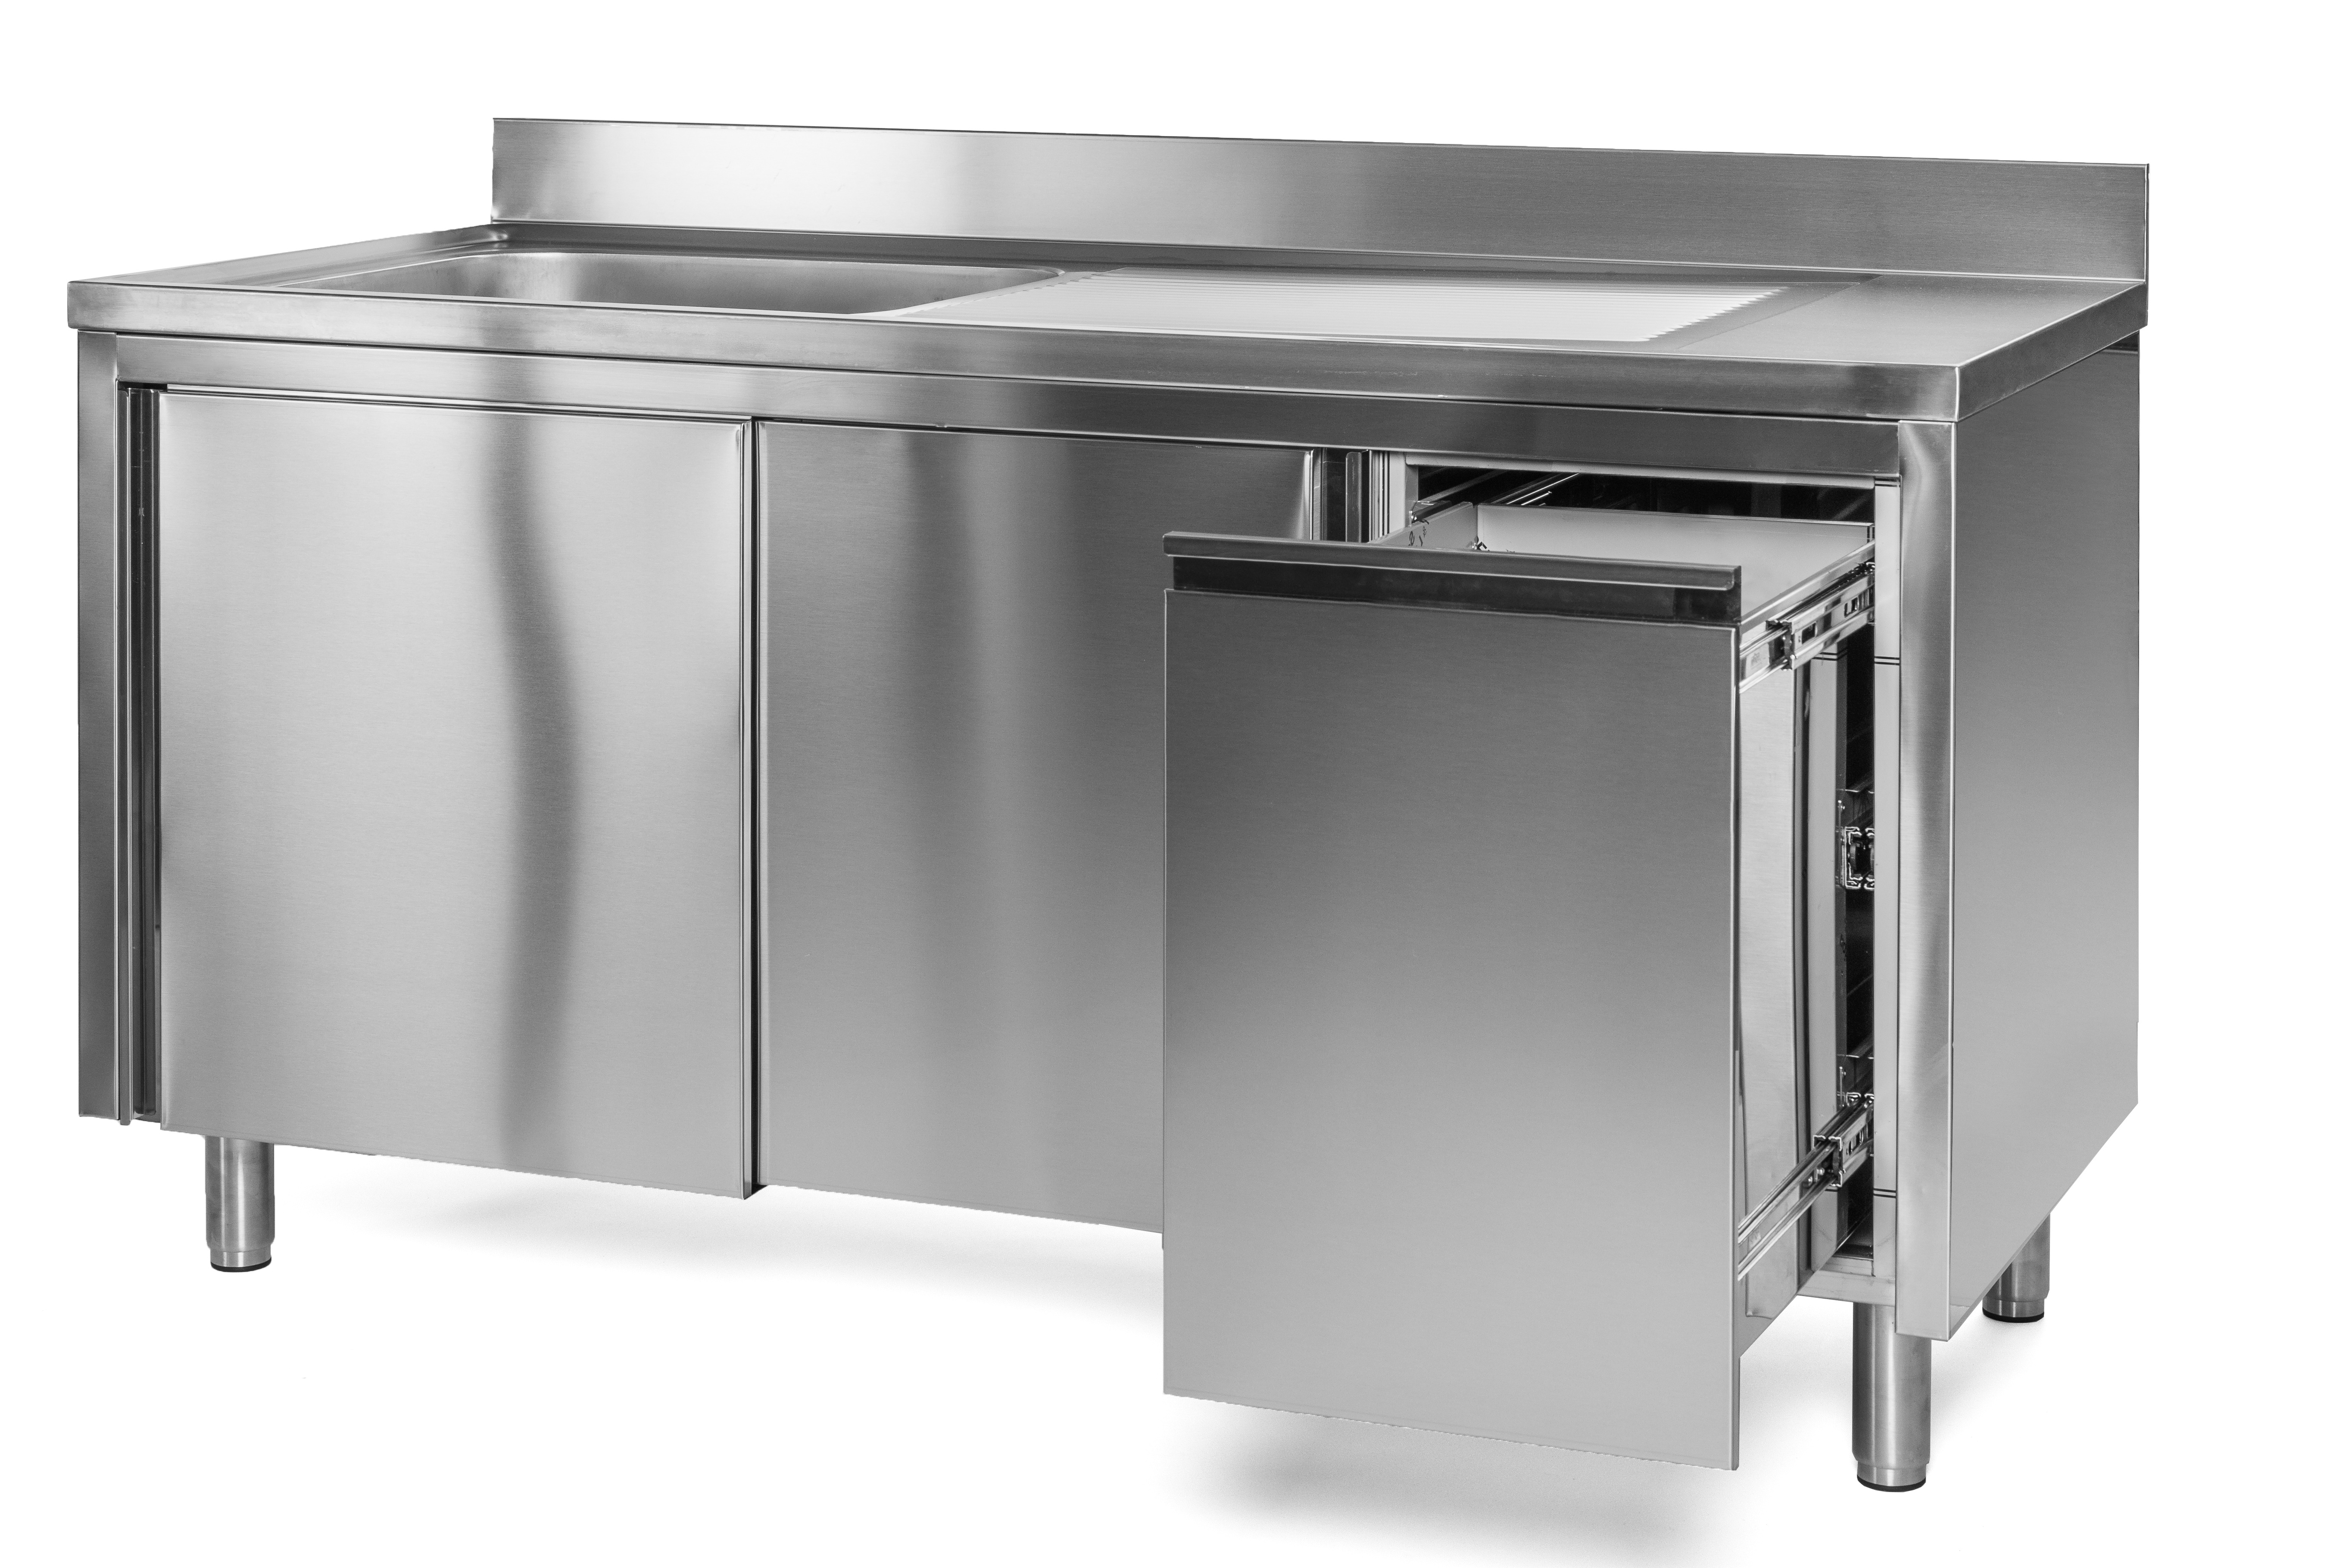 Unterkategorie - Spülschrank 1 Becken mit Abfallbehälter - 0,7 m